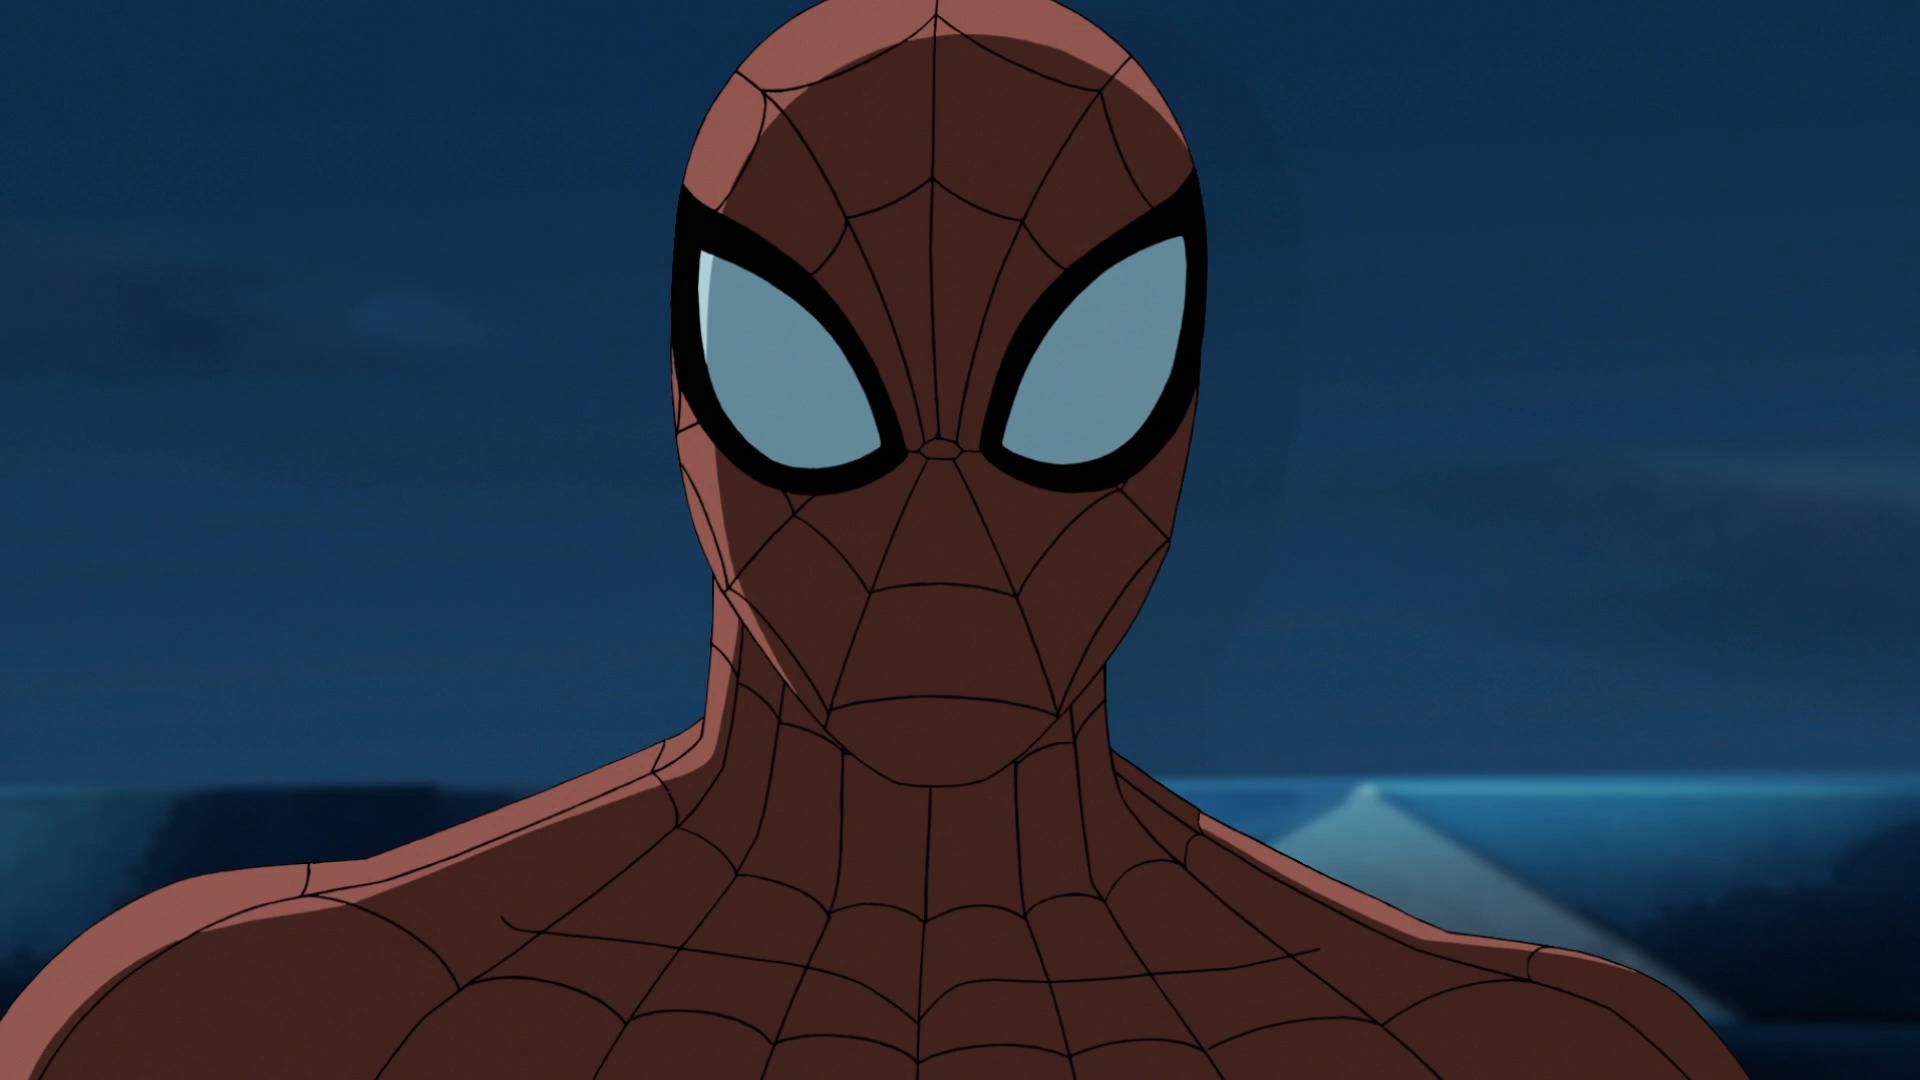 картинки совершенный человек паука светло, темно-гнедой